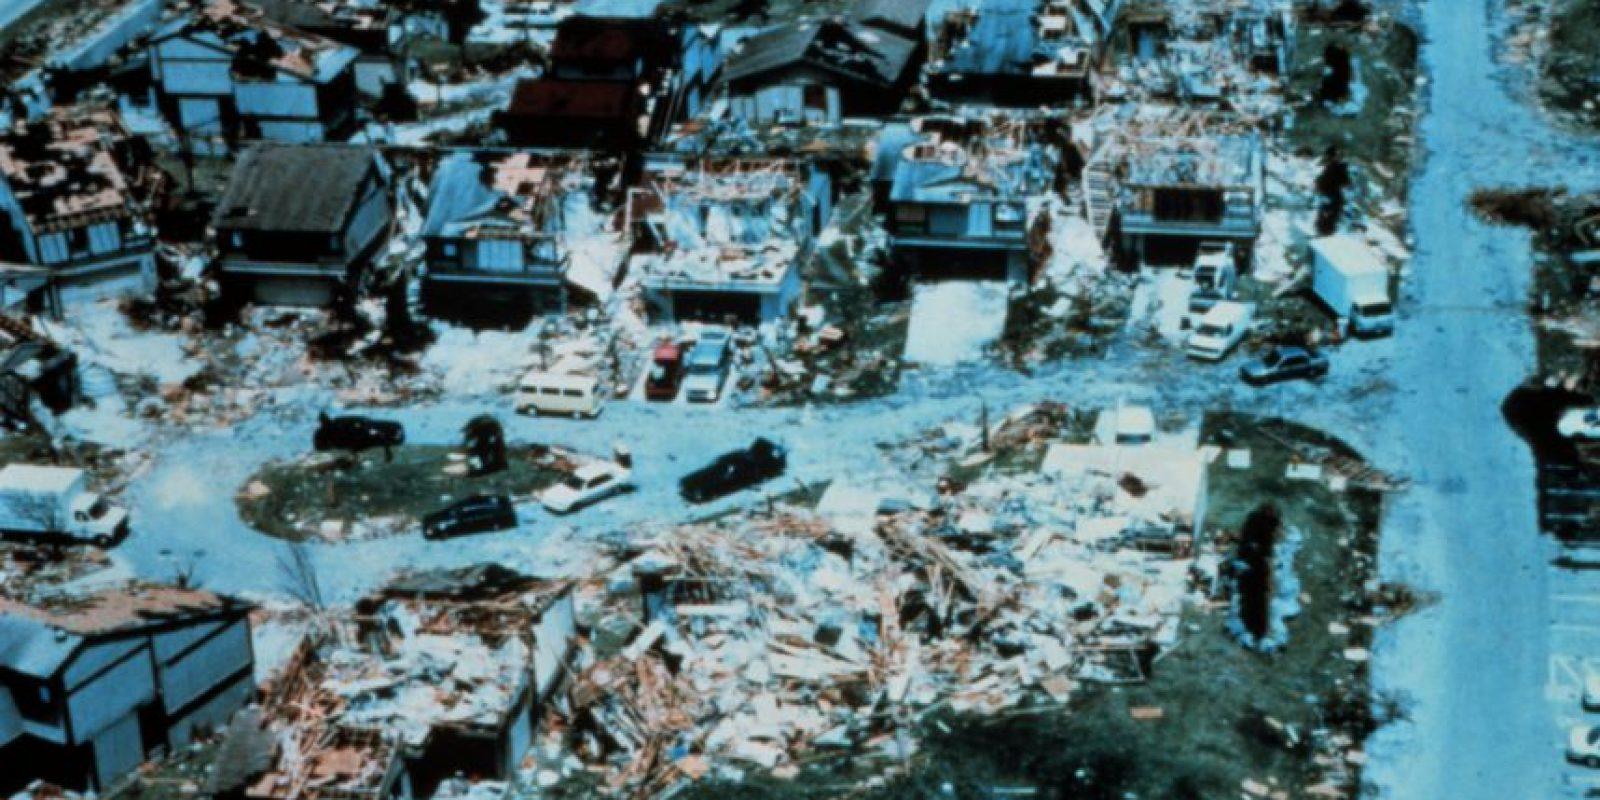 Huracán Andrew de 1992. Este fenómeno azotó a Estados Unidos y a Las Bahamas. 26 mil millones de dólares en perdidas y 23 muertos. Foto:Vía Wikimedia Commons